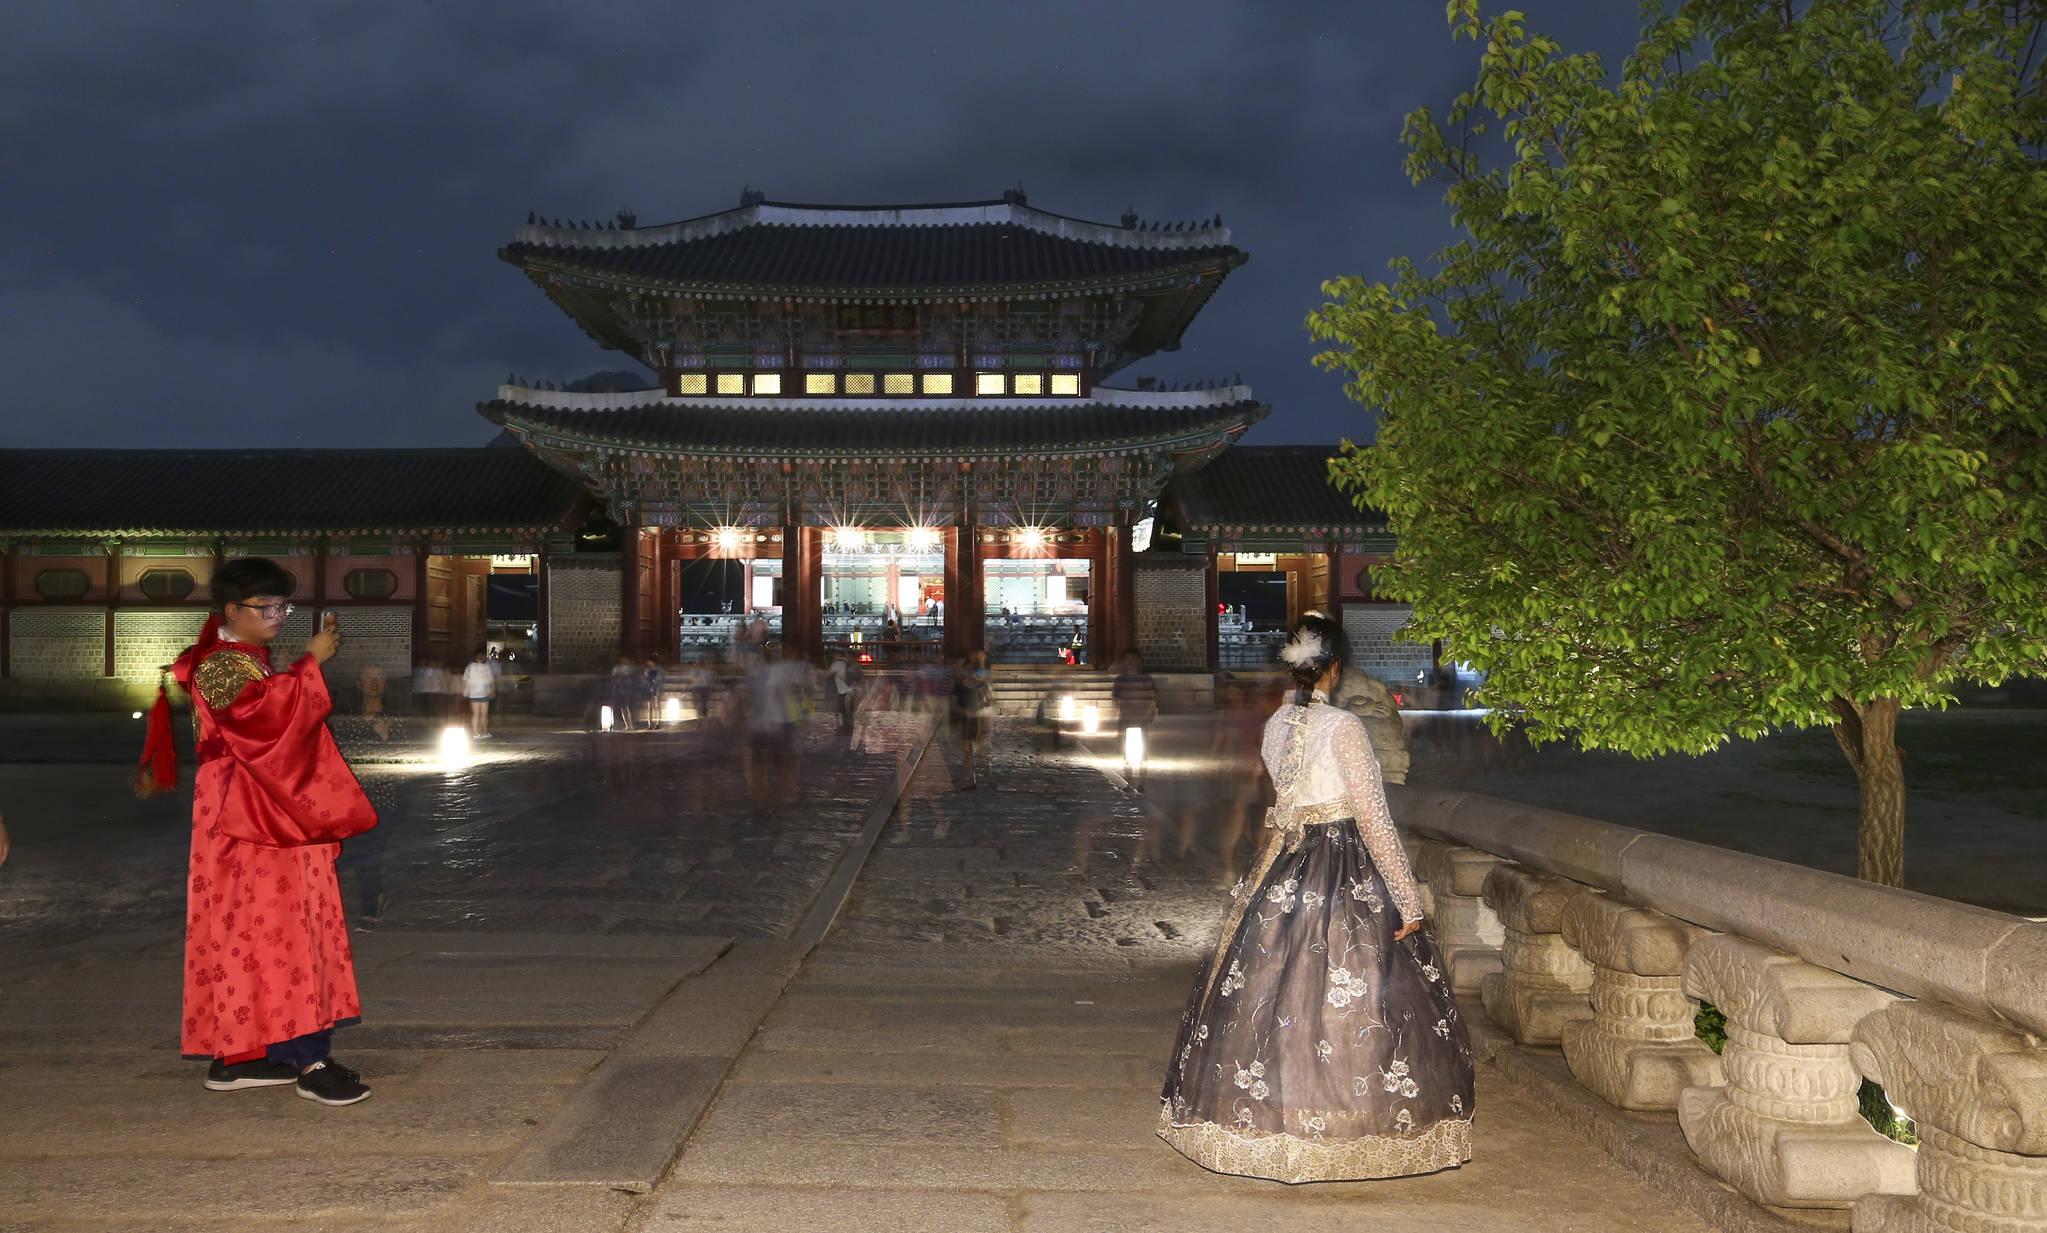 경기도 일산에서 온 고3 관람객이 영제교를 배경으로 기념촬영을 하고 있다. 영제교는 흥례문과 근정문 사이에있다.  임현동 기자